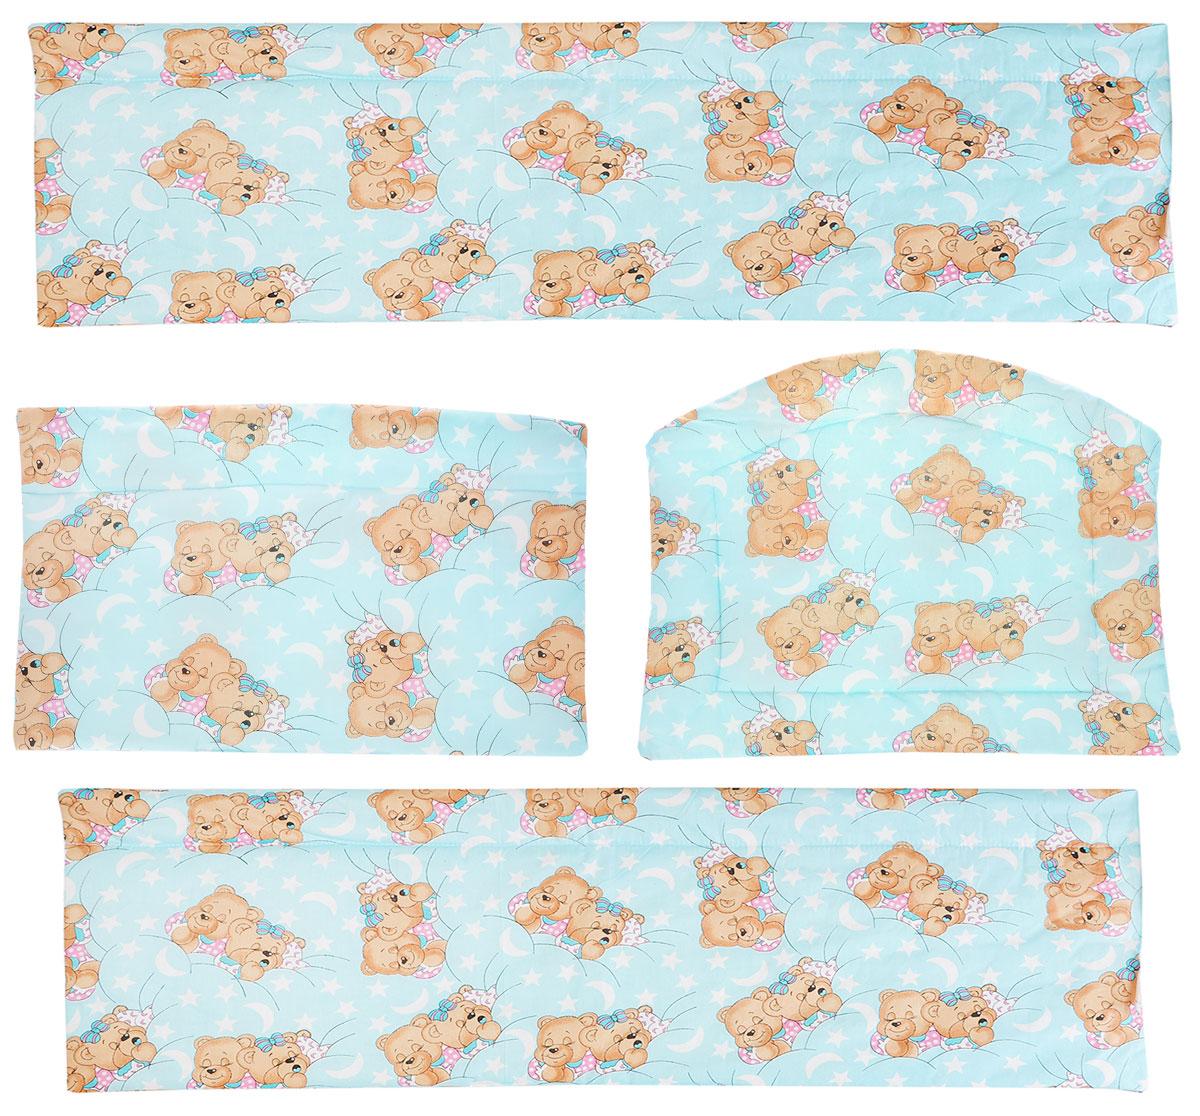 Фея Борт комбинированный Спящие мишки1045_ мишки спятКомбинированный бортик в кроватку Фея Спящие мишки выполнен из высококачественных материалов. Бортик защитит малыша от сквозняков, а когда ребенок подрастет и начнет вставать самостоятельно, предохранит его от ударов при возможных падениях. Малыш с удовольствием будет разглядывать забавные рисунки, красочный бортик в кроватку выполняет эстетическую функцию, делая внешний вид кроватки еще прекраснее. Бортик обеспечит изолированность и уют внутри кроватки для малыша во время его отдыха.